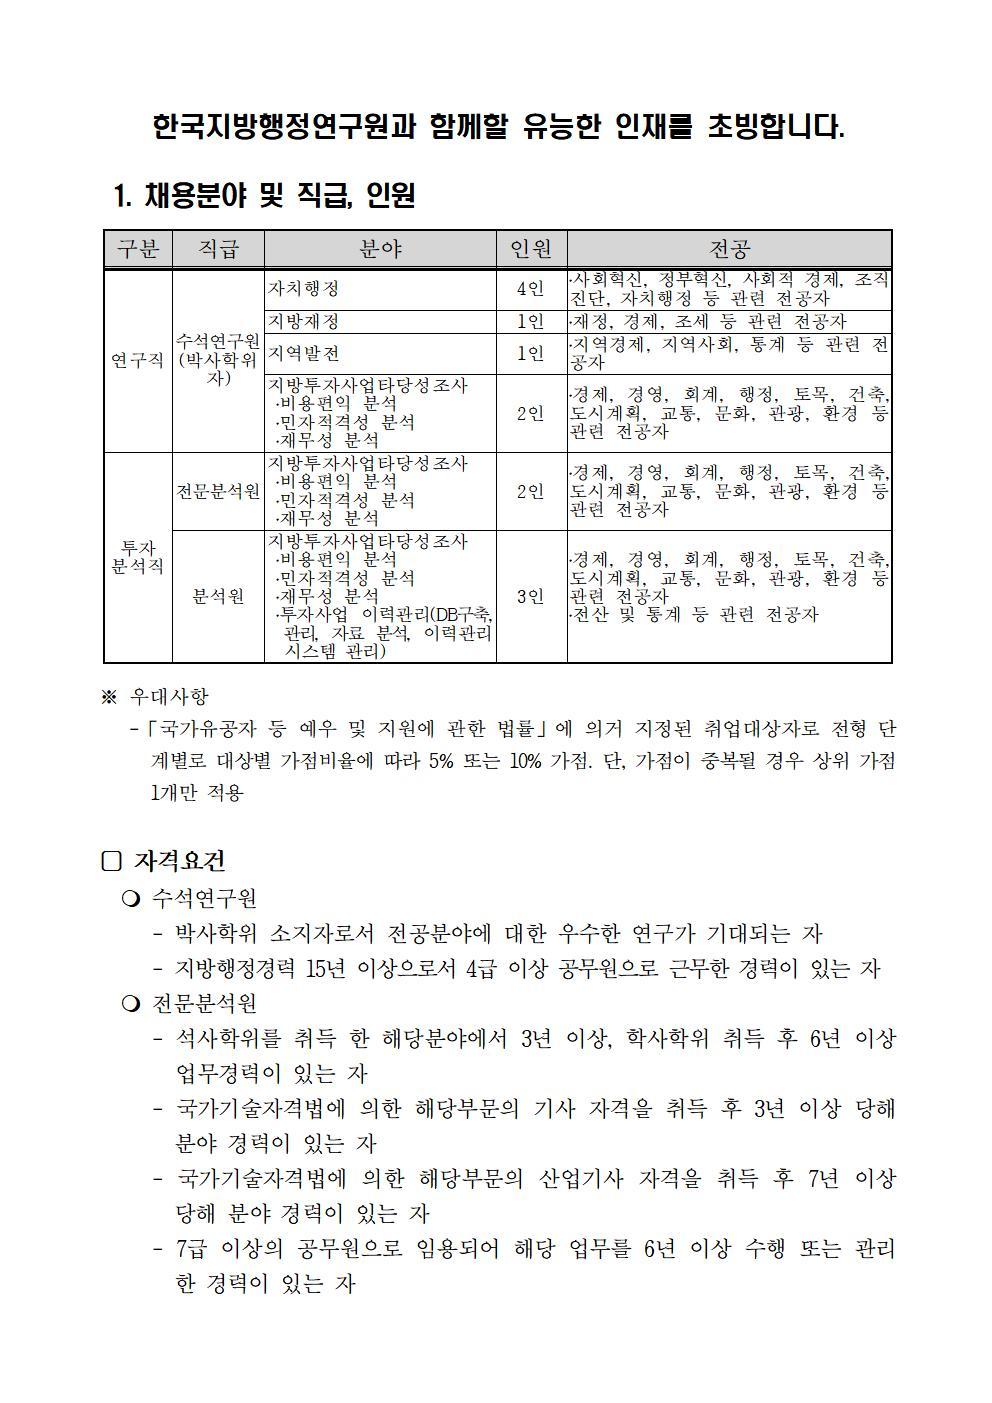 직원 채용 계획(공고문)수정001.jpg